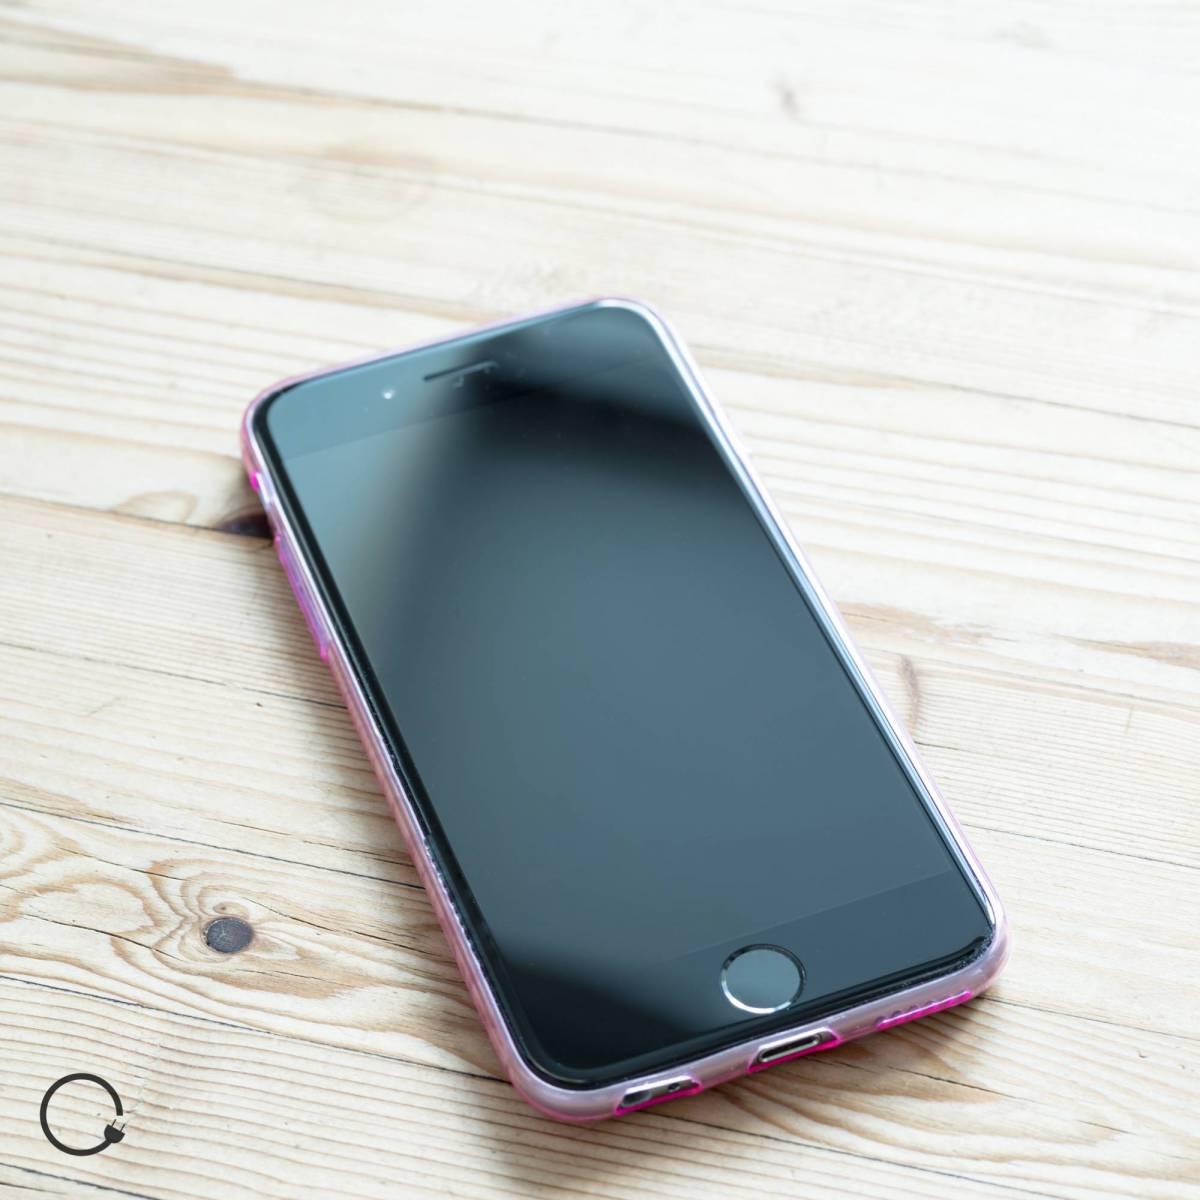 Tyndt silikone cover til iPhone 6 6s - Mackablar.se fra Haweel  9917a8ed82c97